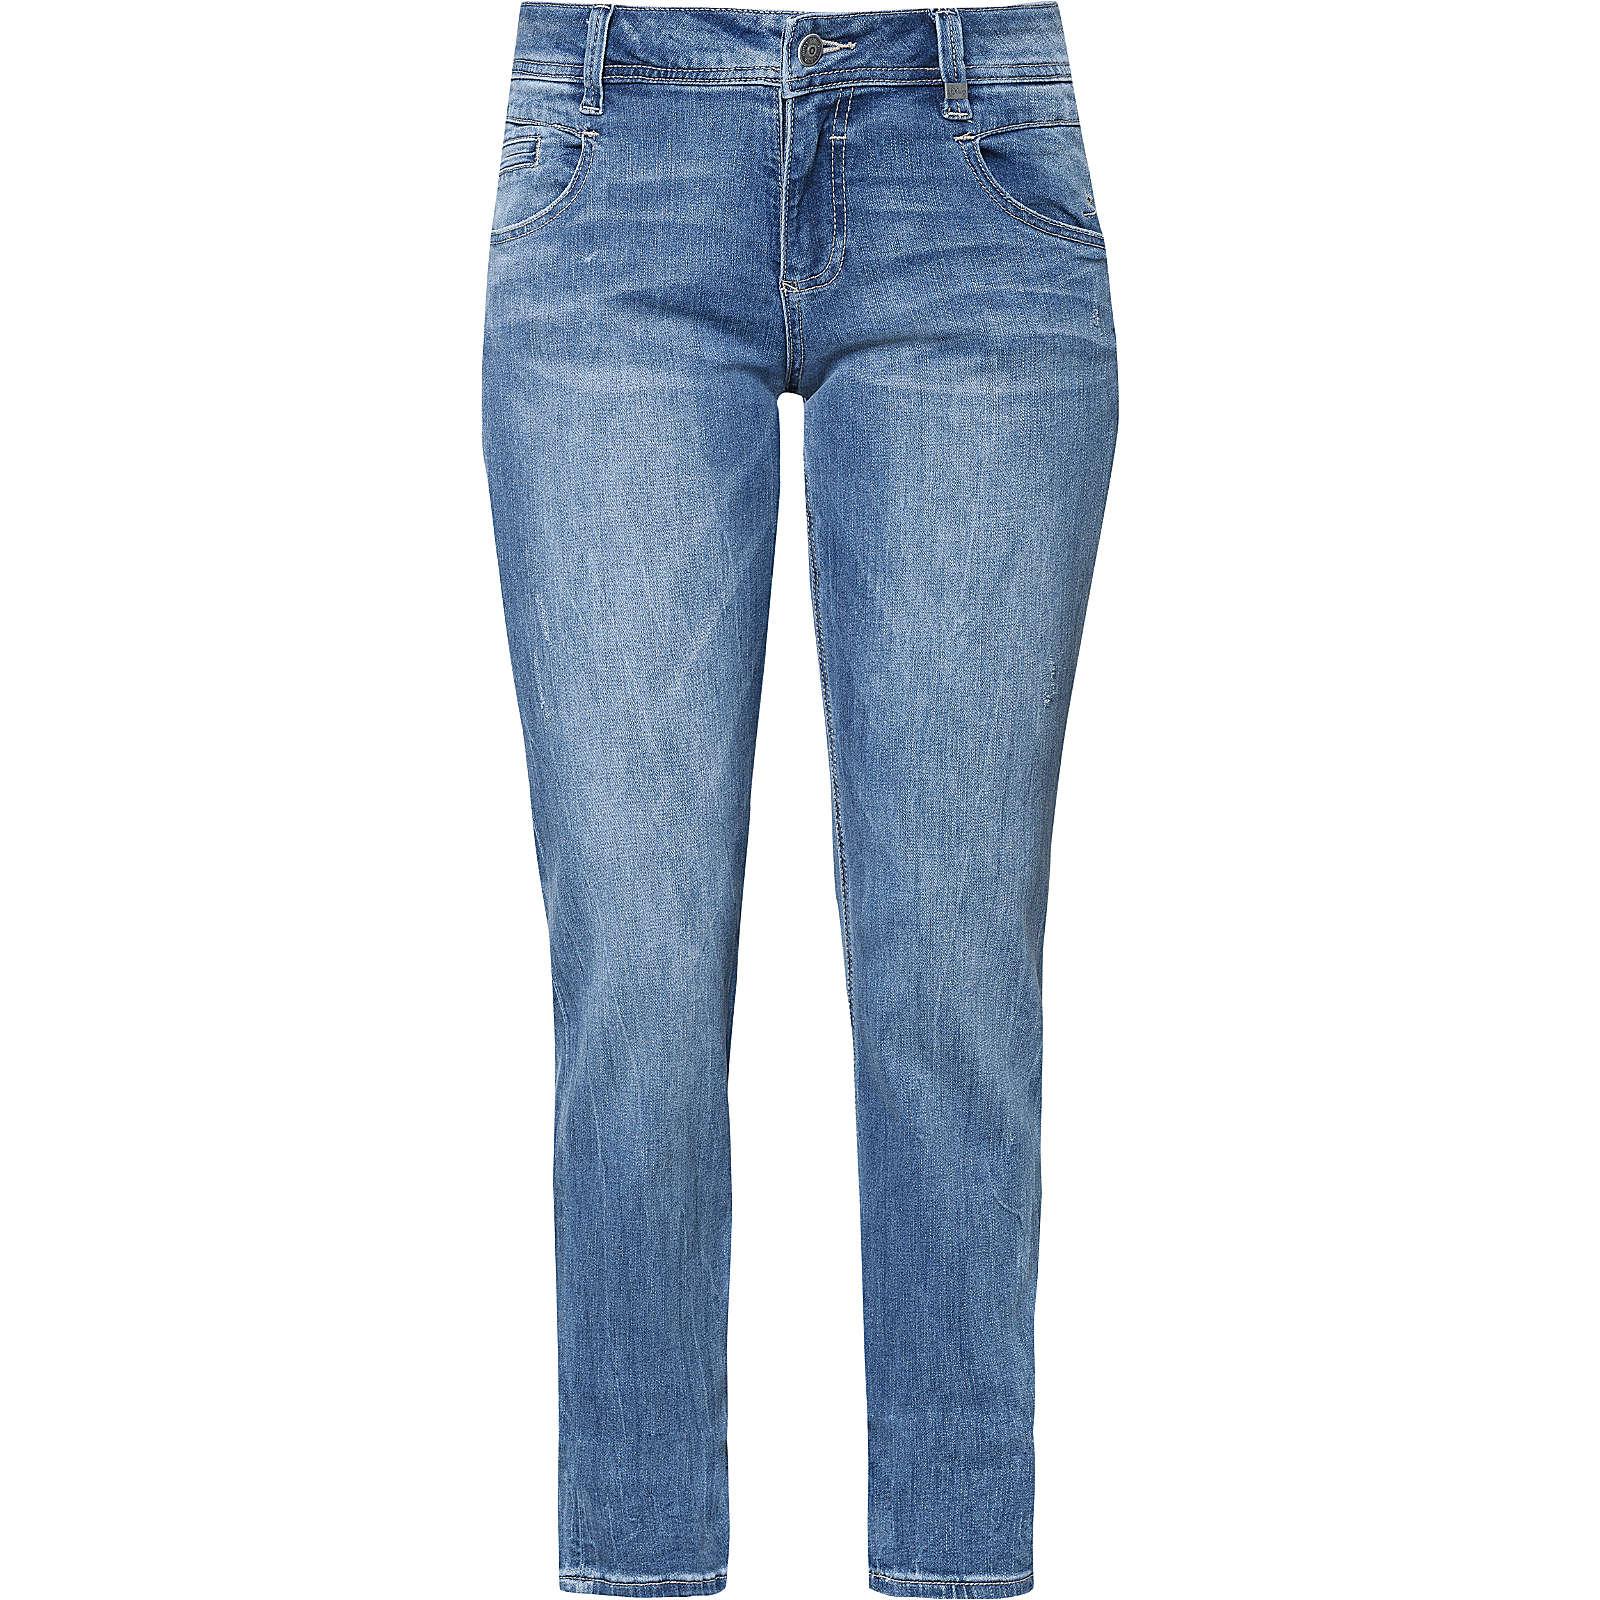 s.Oliver Jeans Smart Straight blau Damen Gr. 34/L32